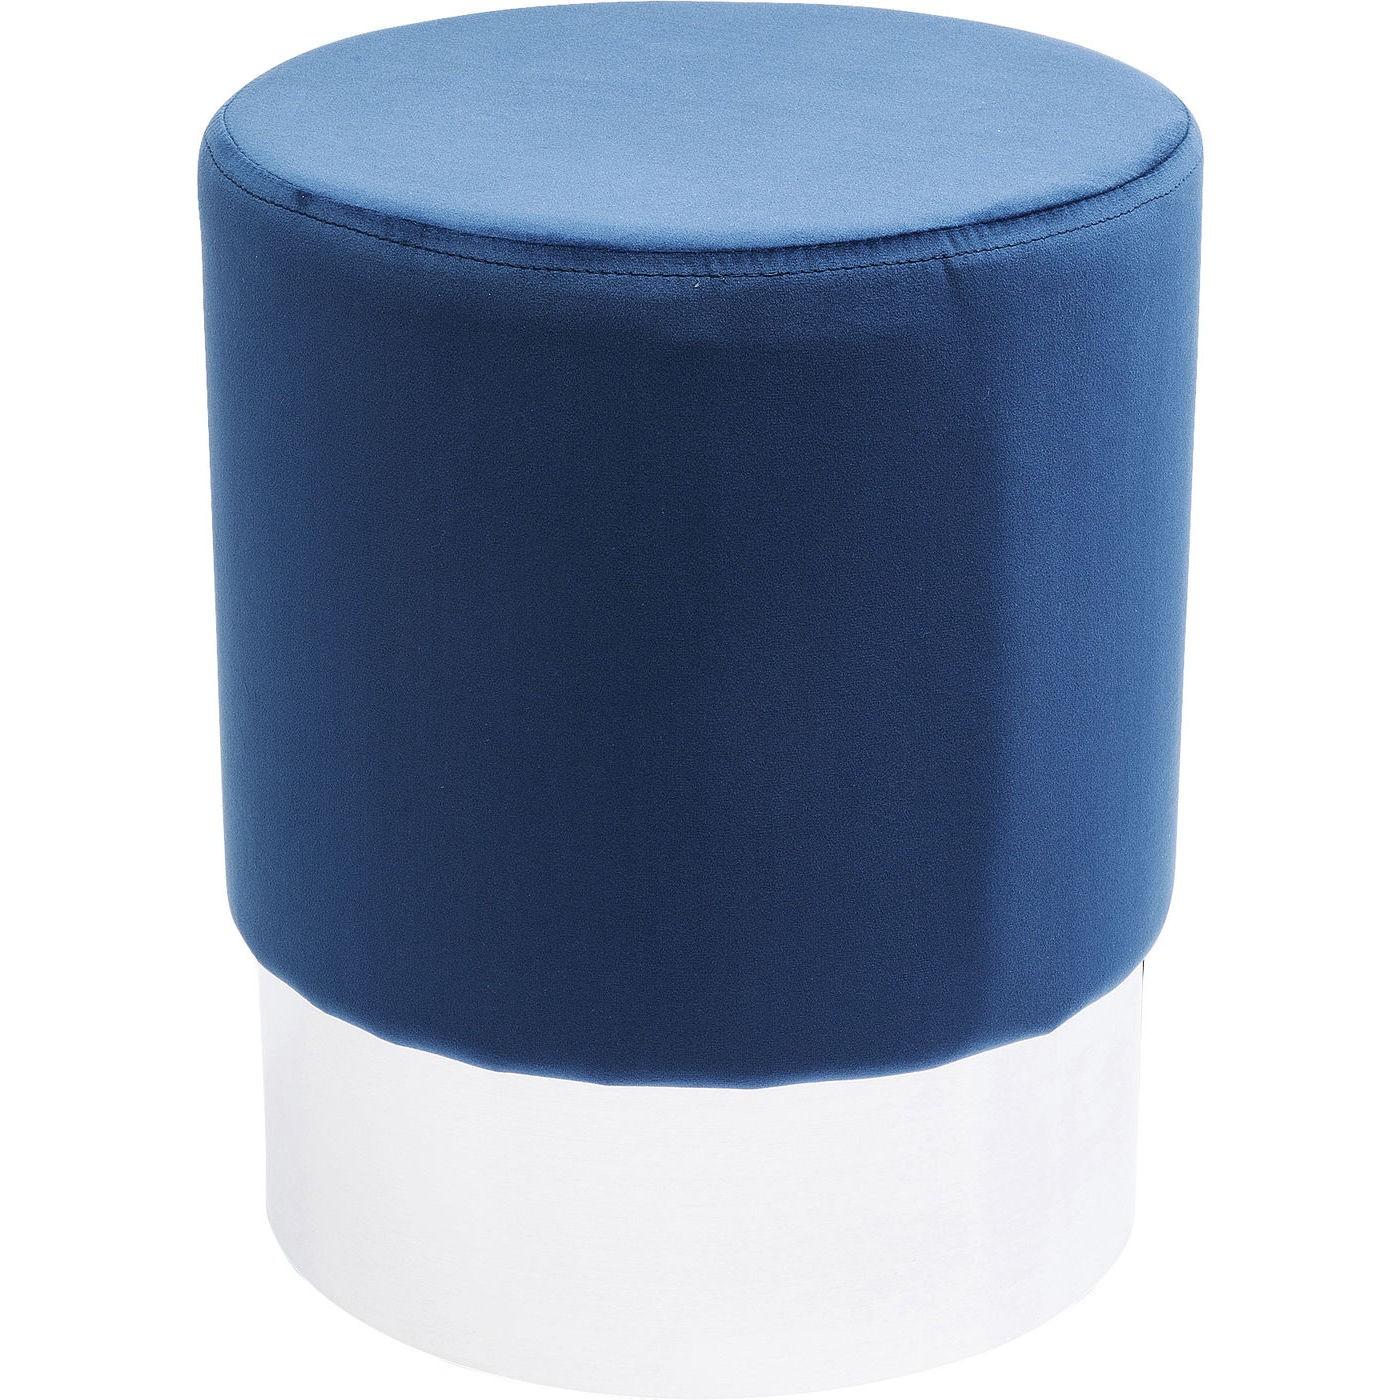 Tabouret en velours bleu pétrole et acier chromé D35